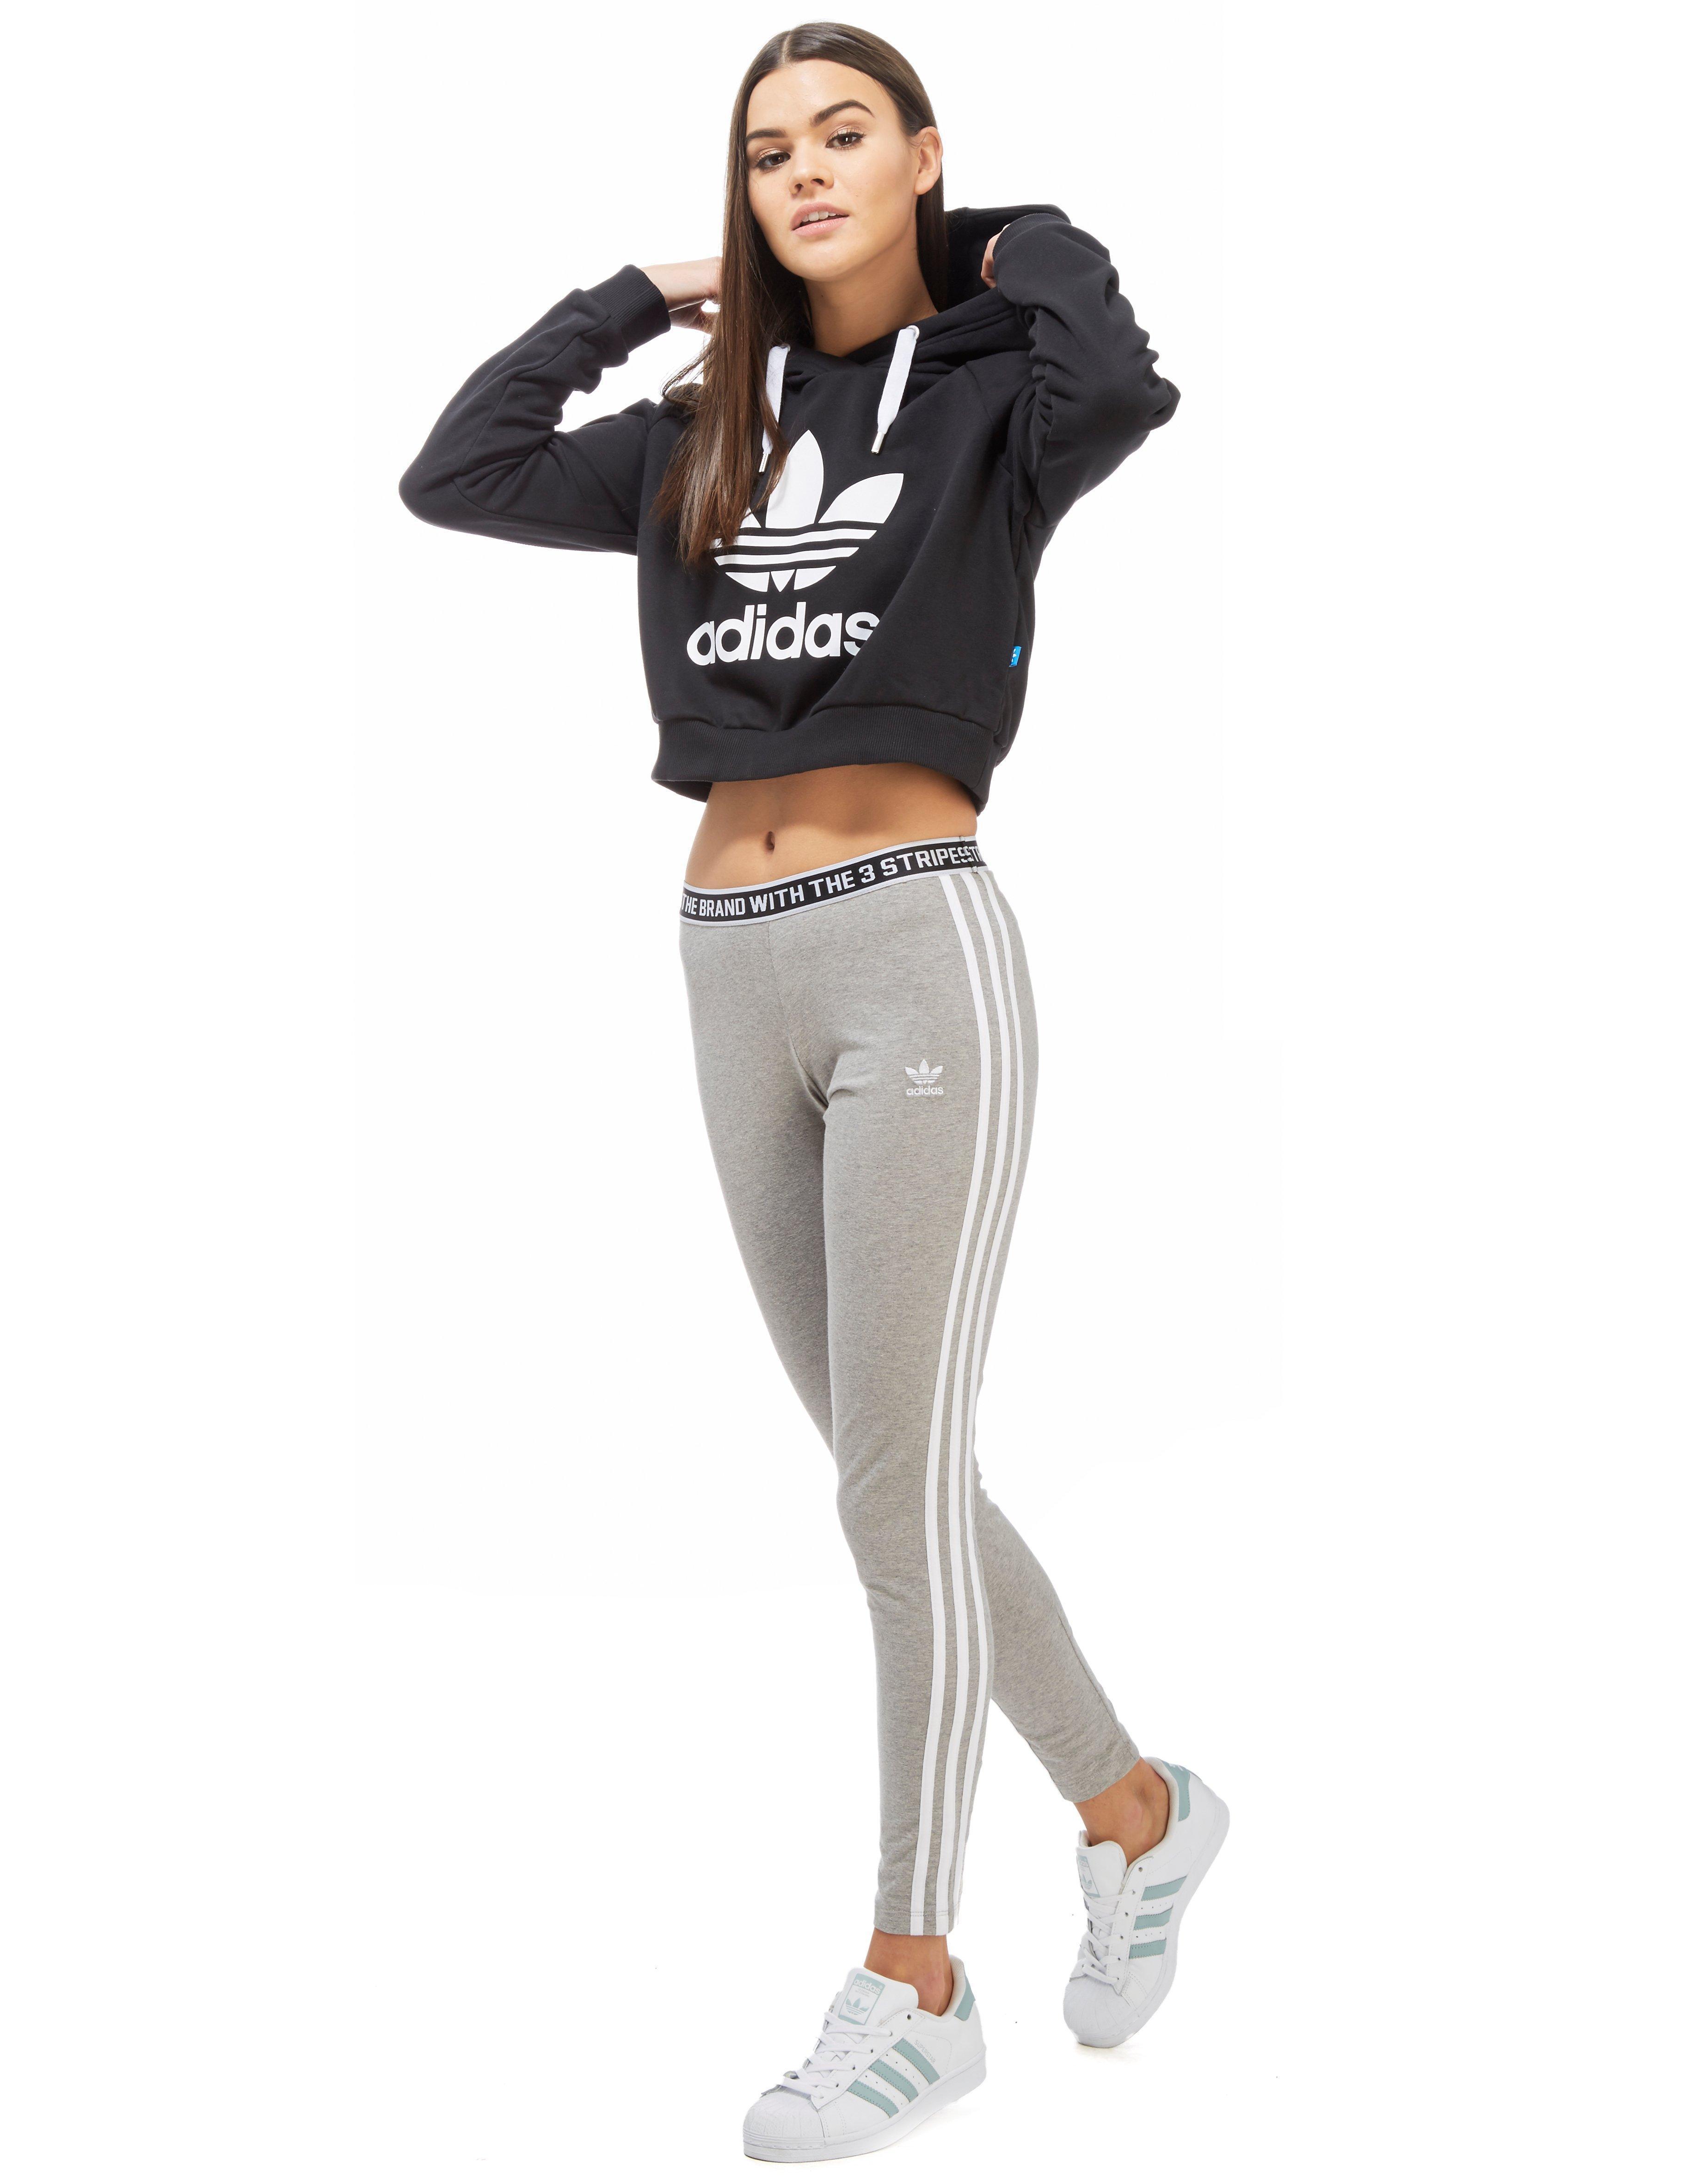 be543966 adidas Originals Trefoil Crop Hoody in Black - Lyst